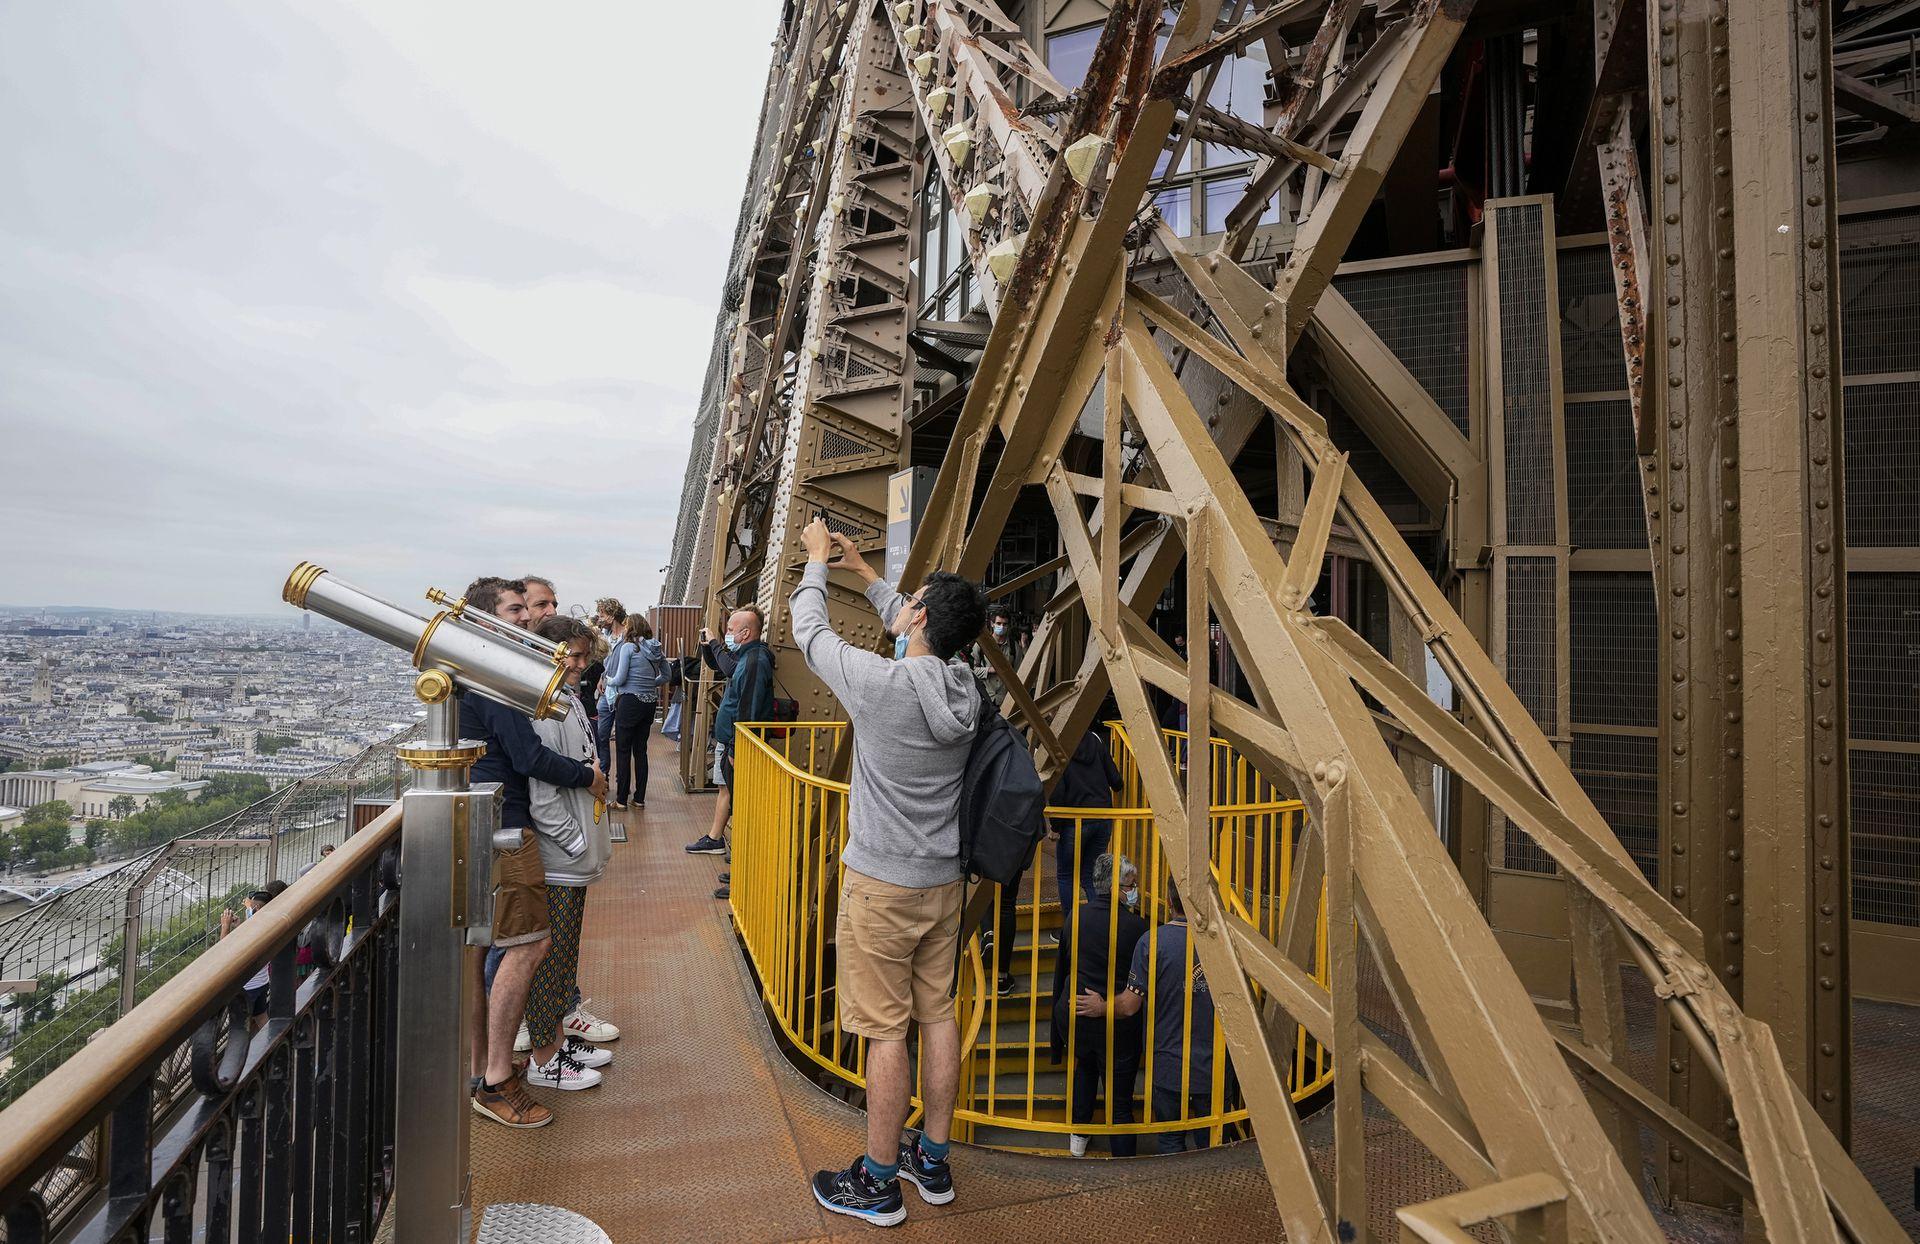 Los visitantes disfrutan de las vistas de la Torre Eiffel en París